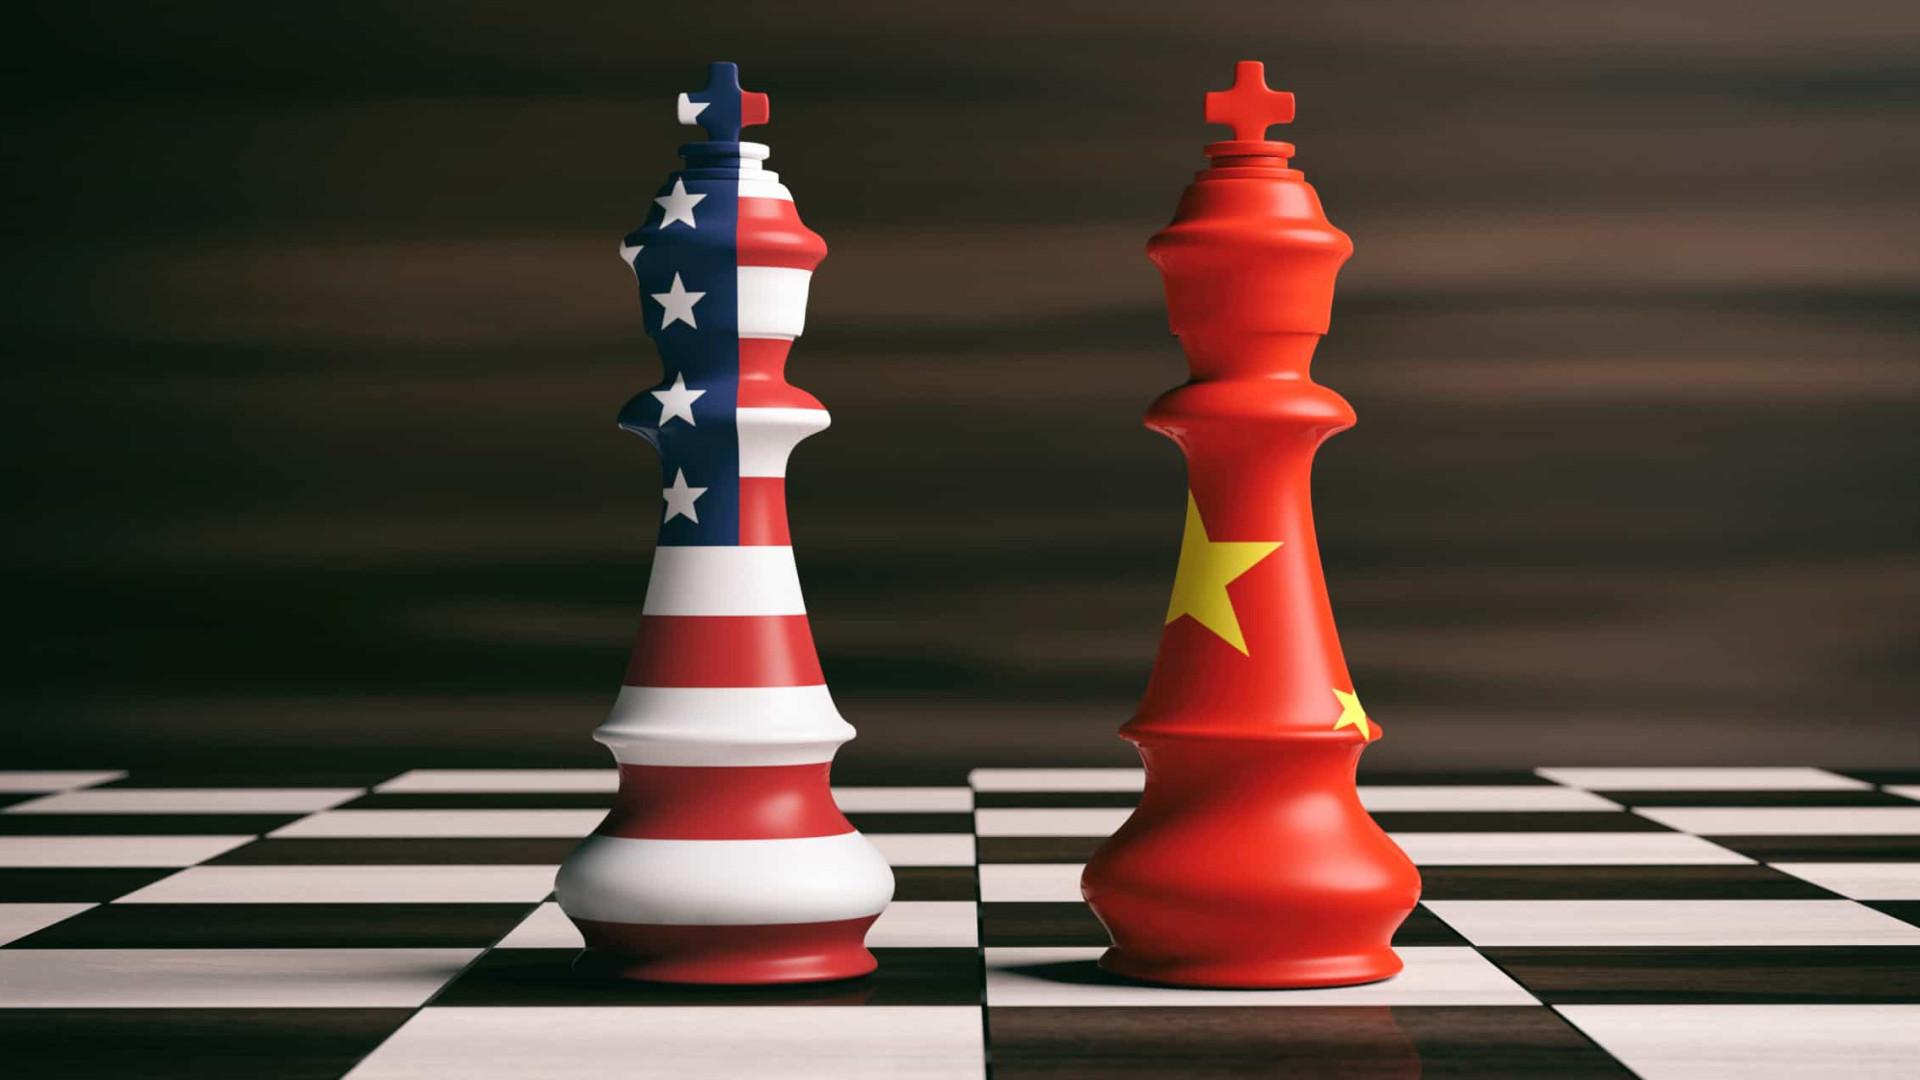 Economia e EUA desafiam a China em seu plano para o pós-pandemia